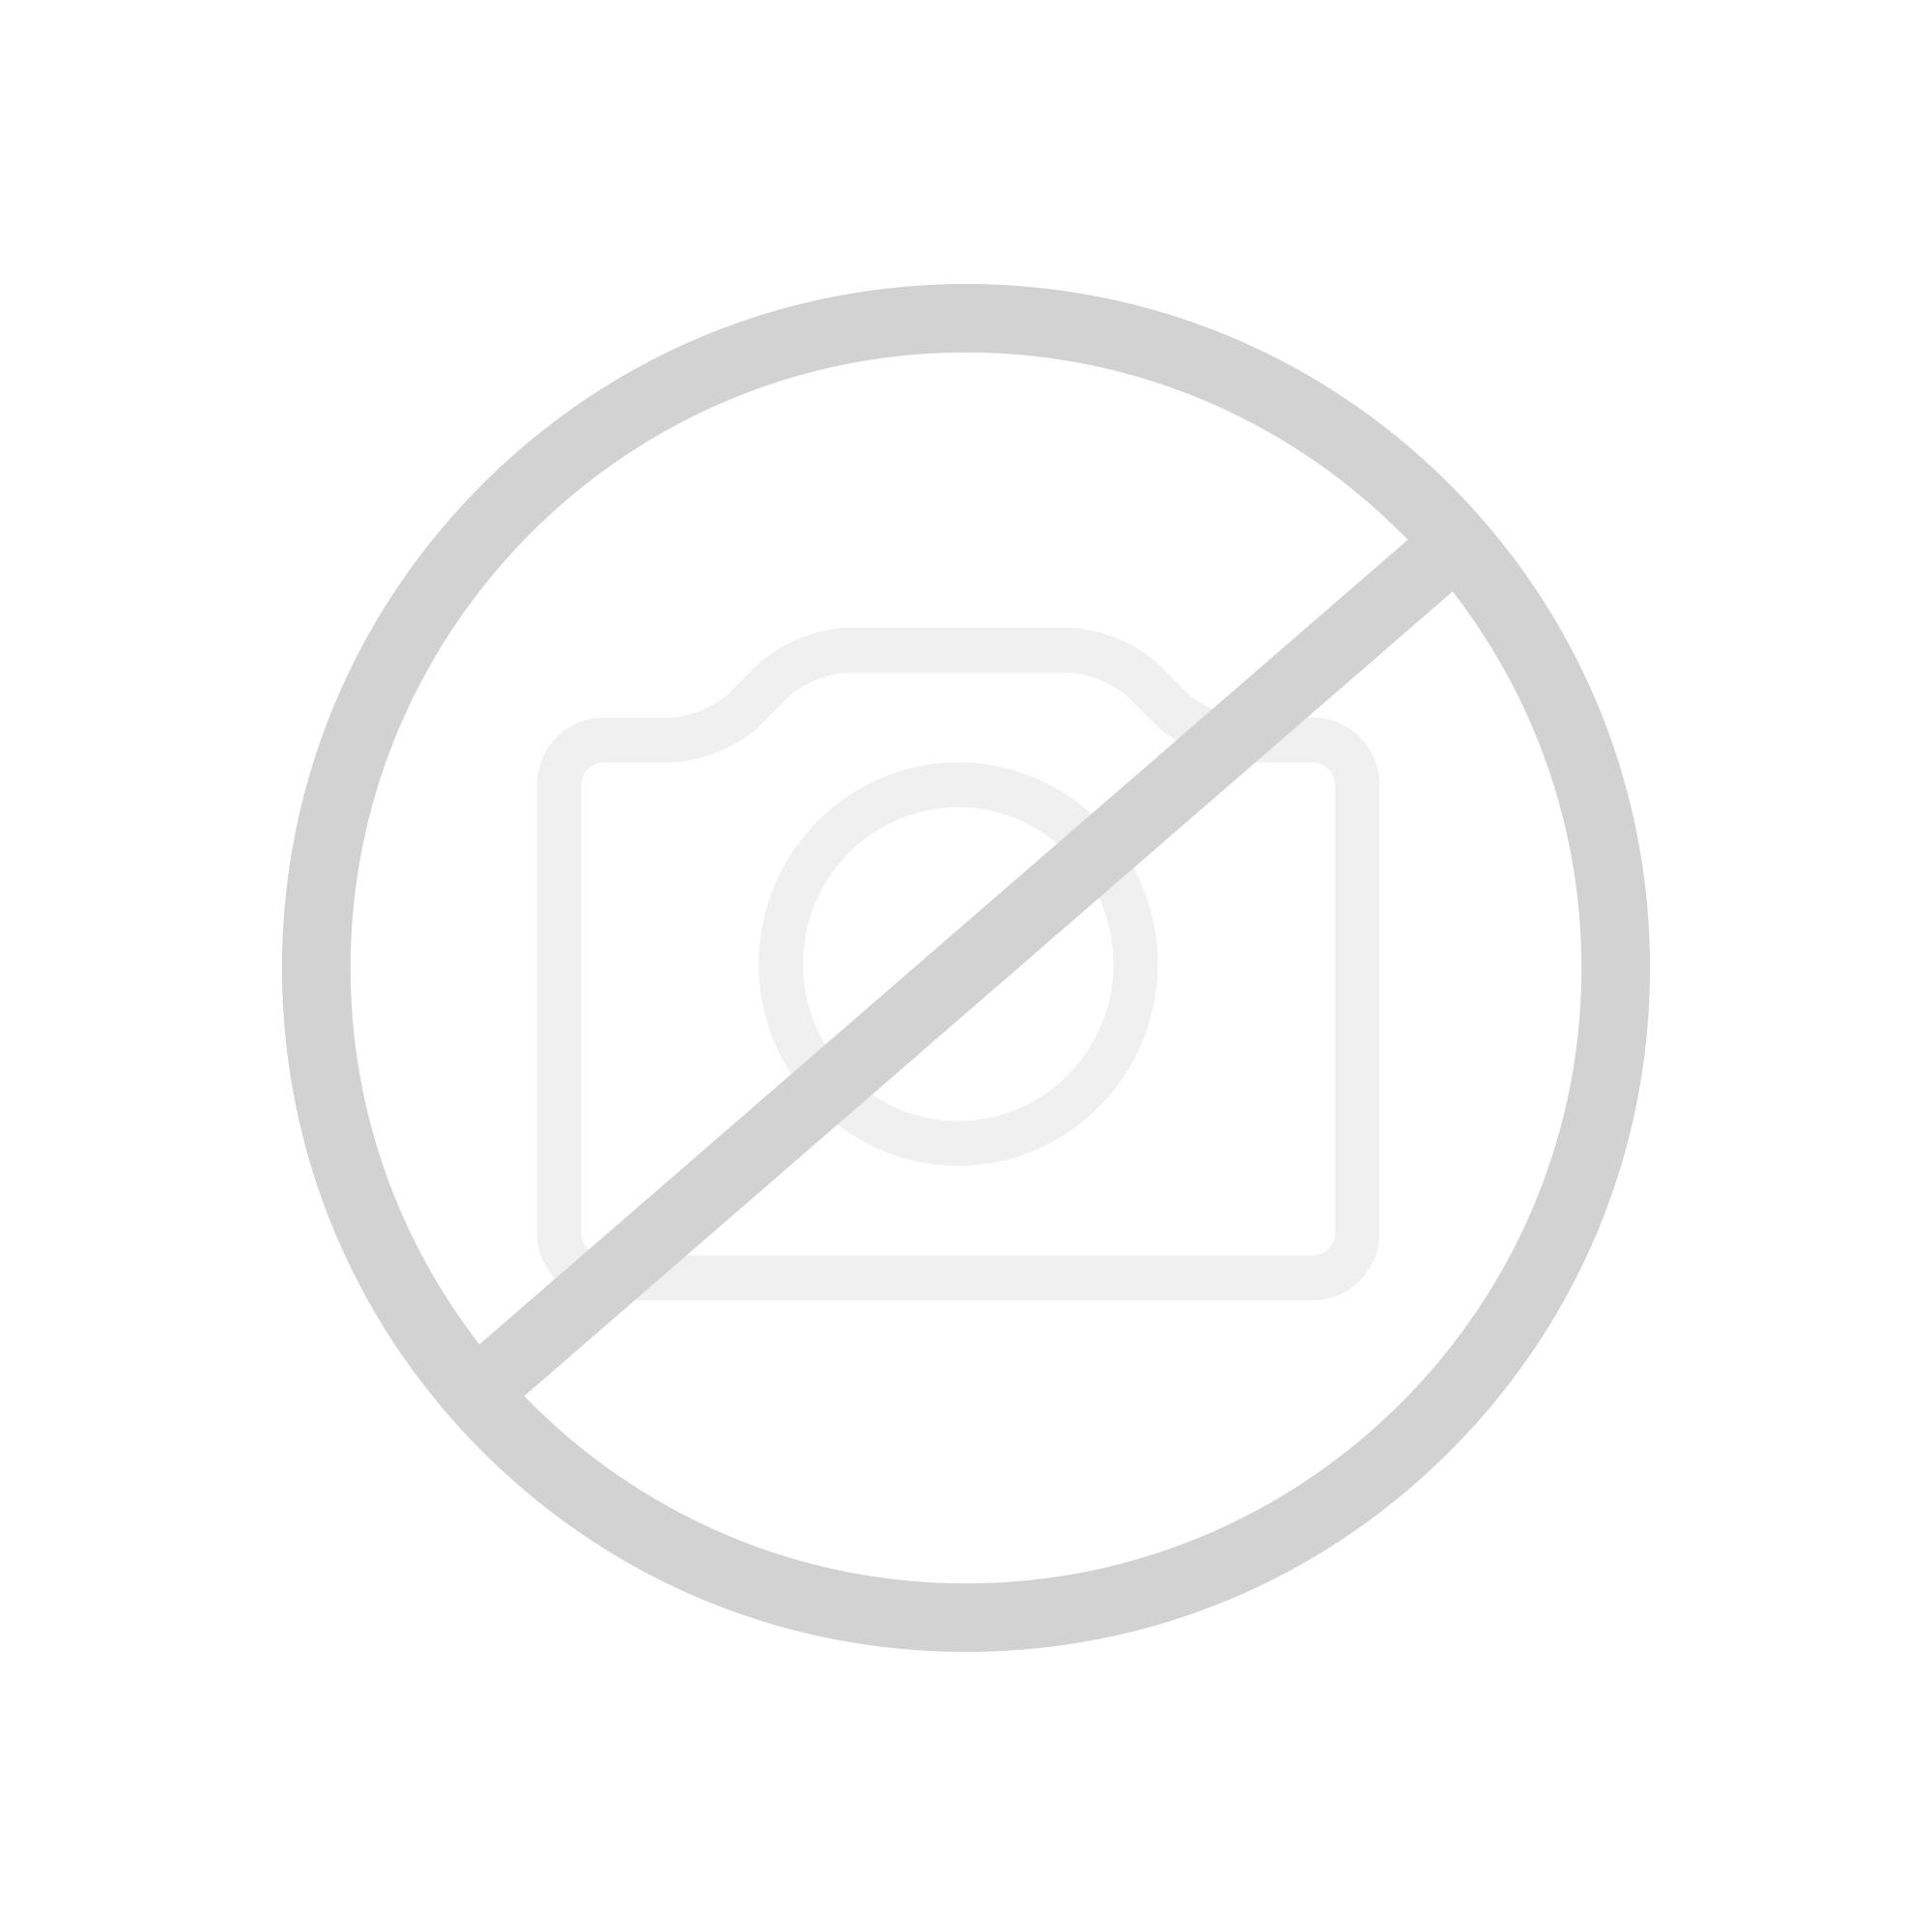 HSK ASP 300 LED Alu Spiegelschrank   1143105   Reuter Onlineshop